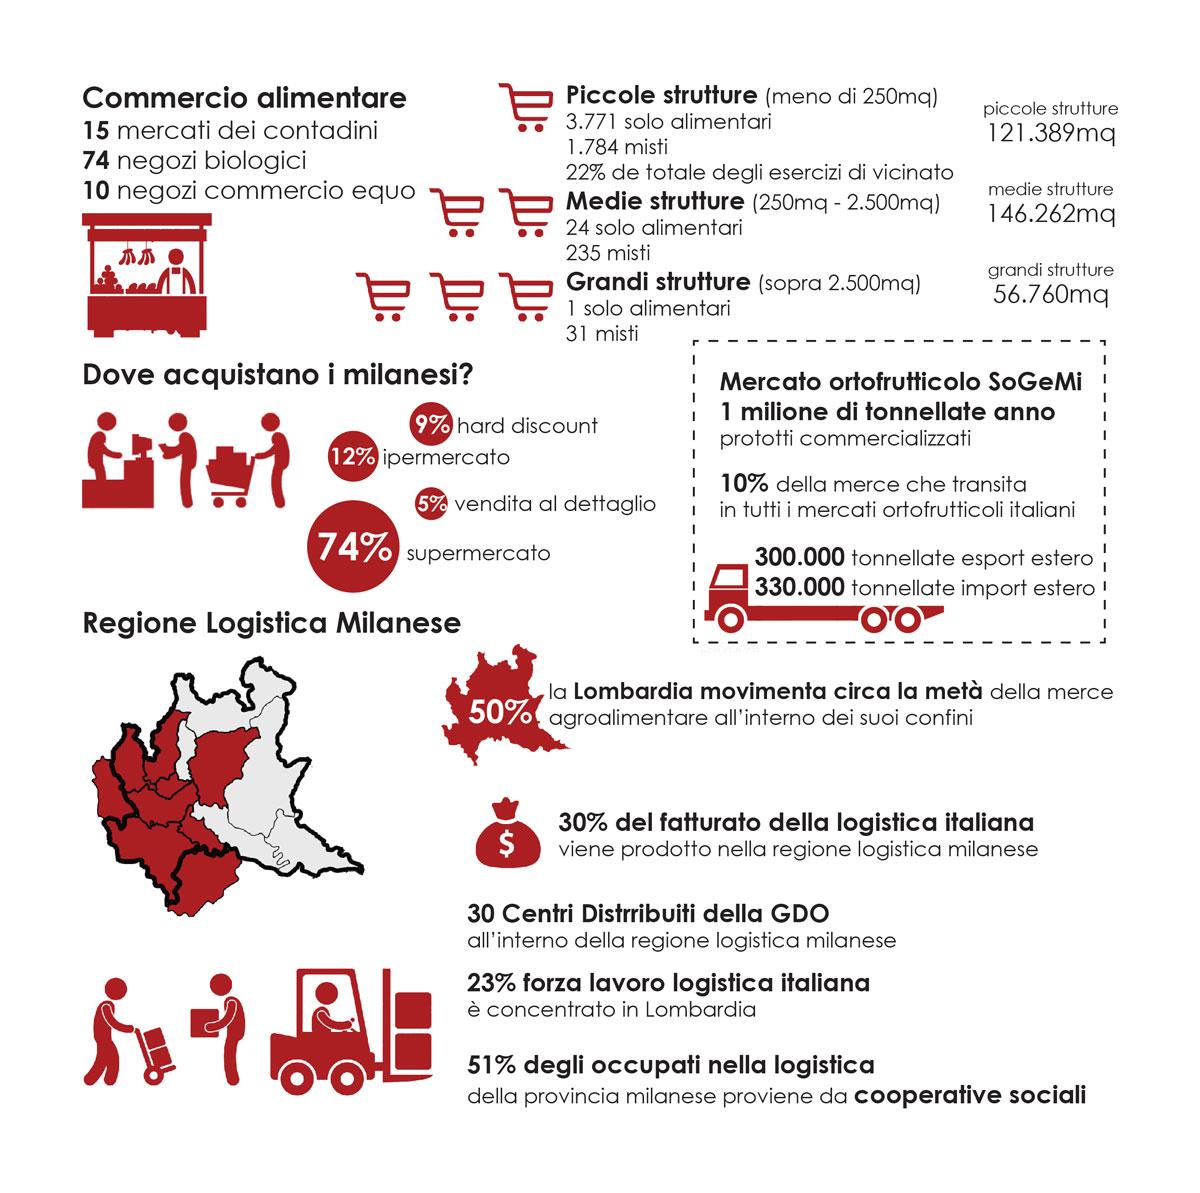 Principali evidenze relative alla Regione Logistica Milanese e al commercio alimentare nella città di Milano